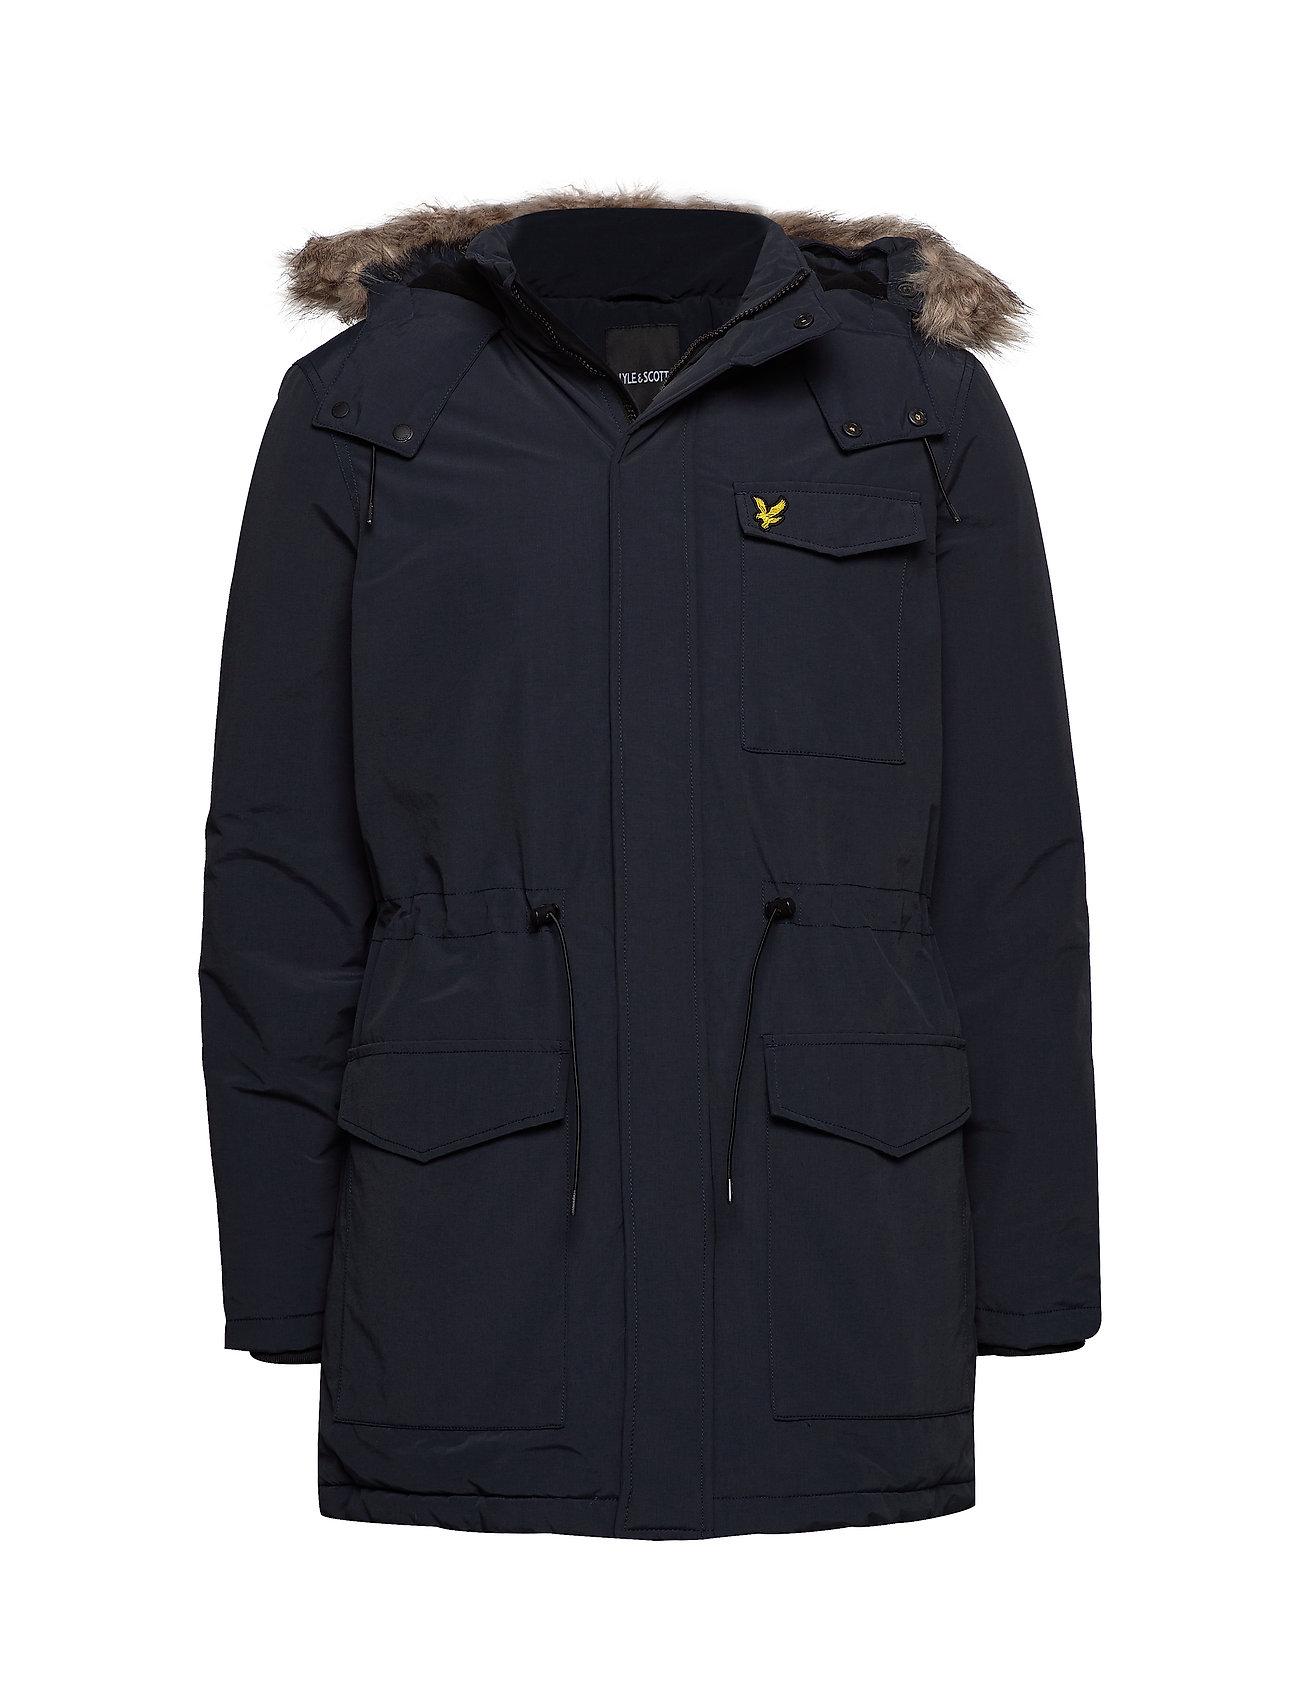 Lyle & Scott Winter Weight Microfleece Jacket - DARK NAVY